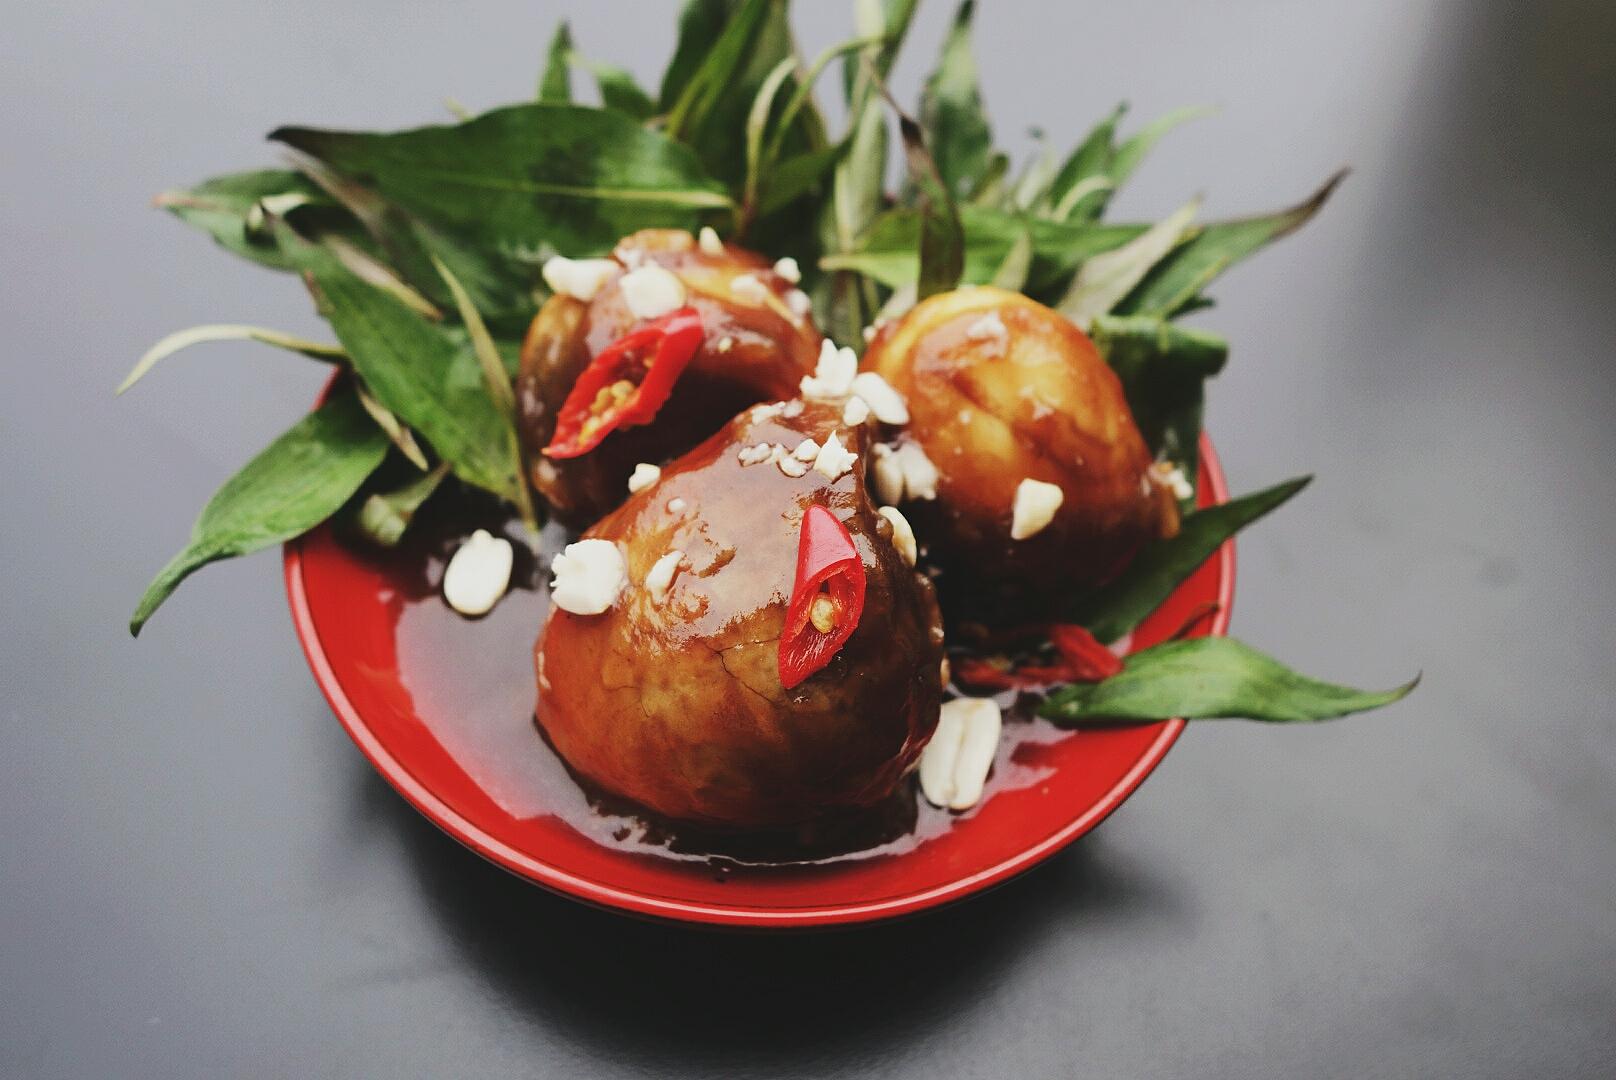 Kacze embriony smażone w sosie tamaryndowym (trứng vịt lộn xào me)